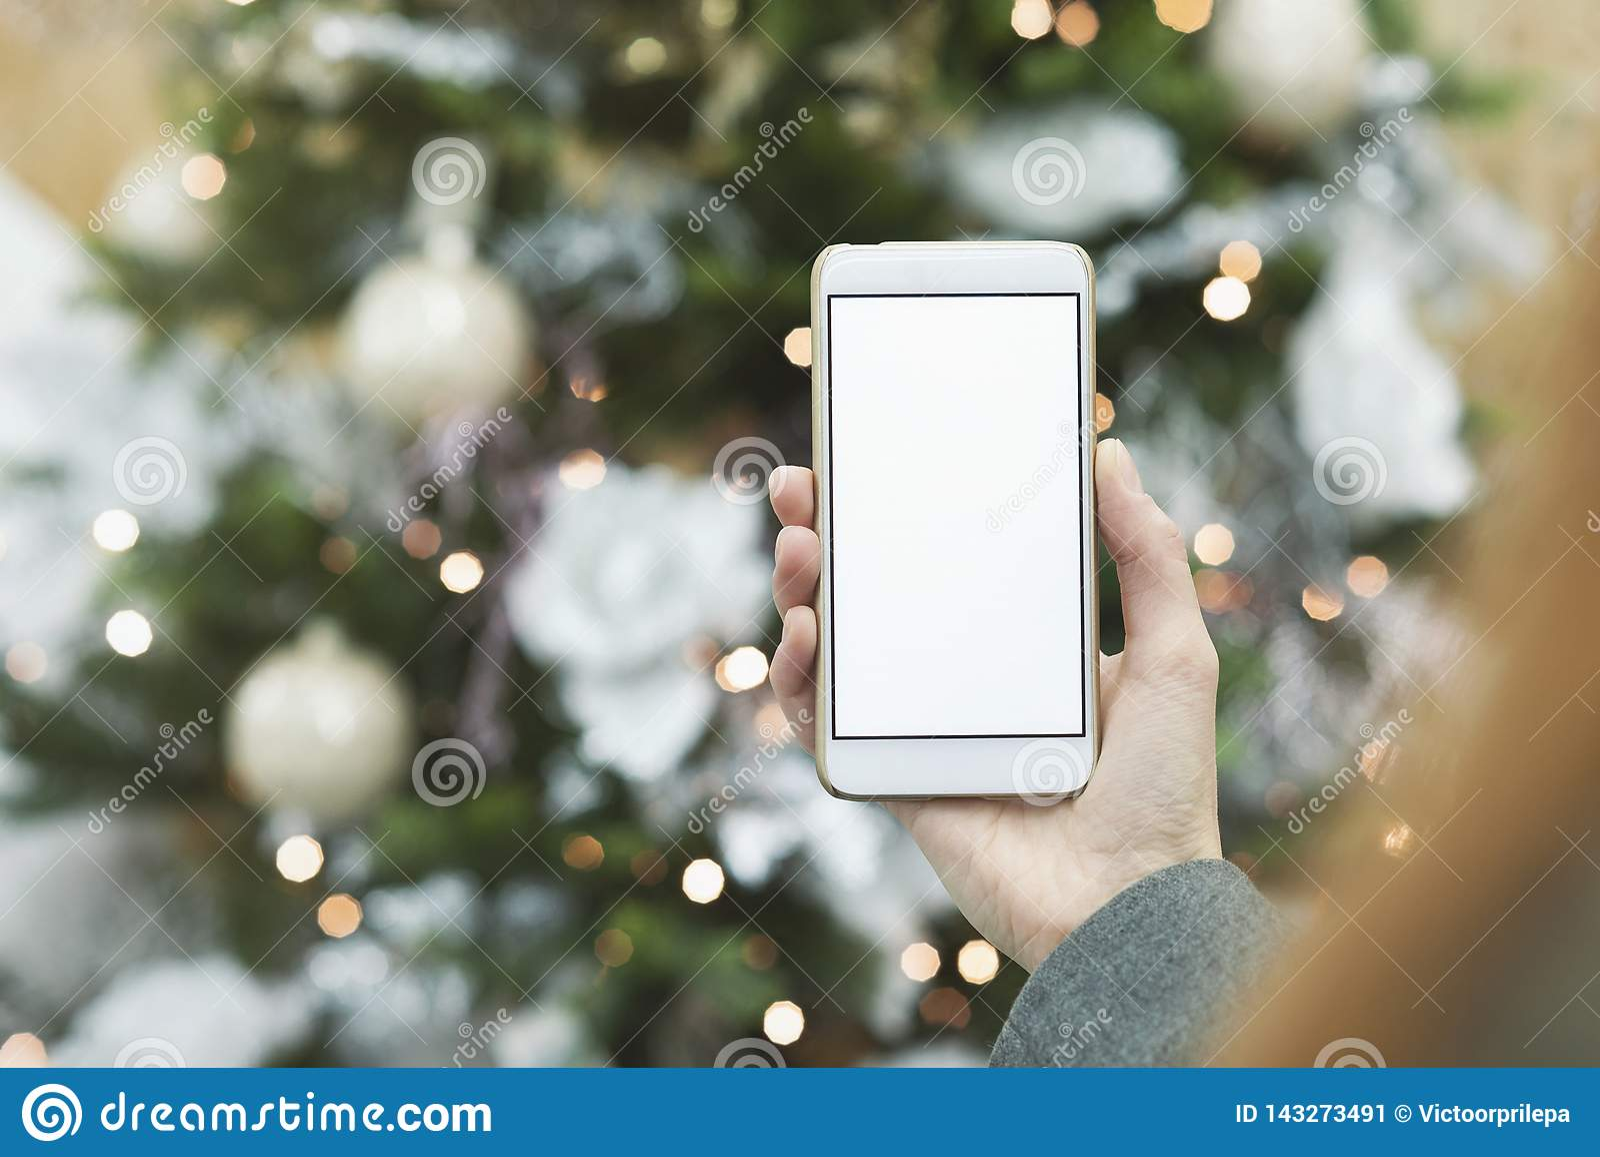 Faux du smartphone dans la main de la fille sur le fond de l arbre de Noël avec une décoration de fête